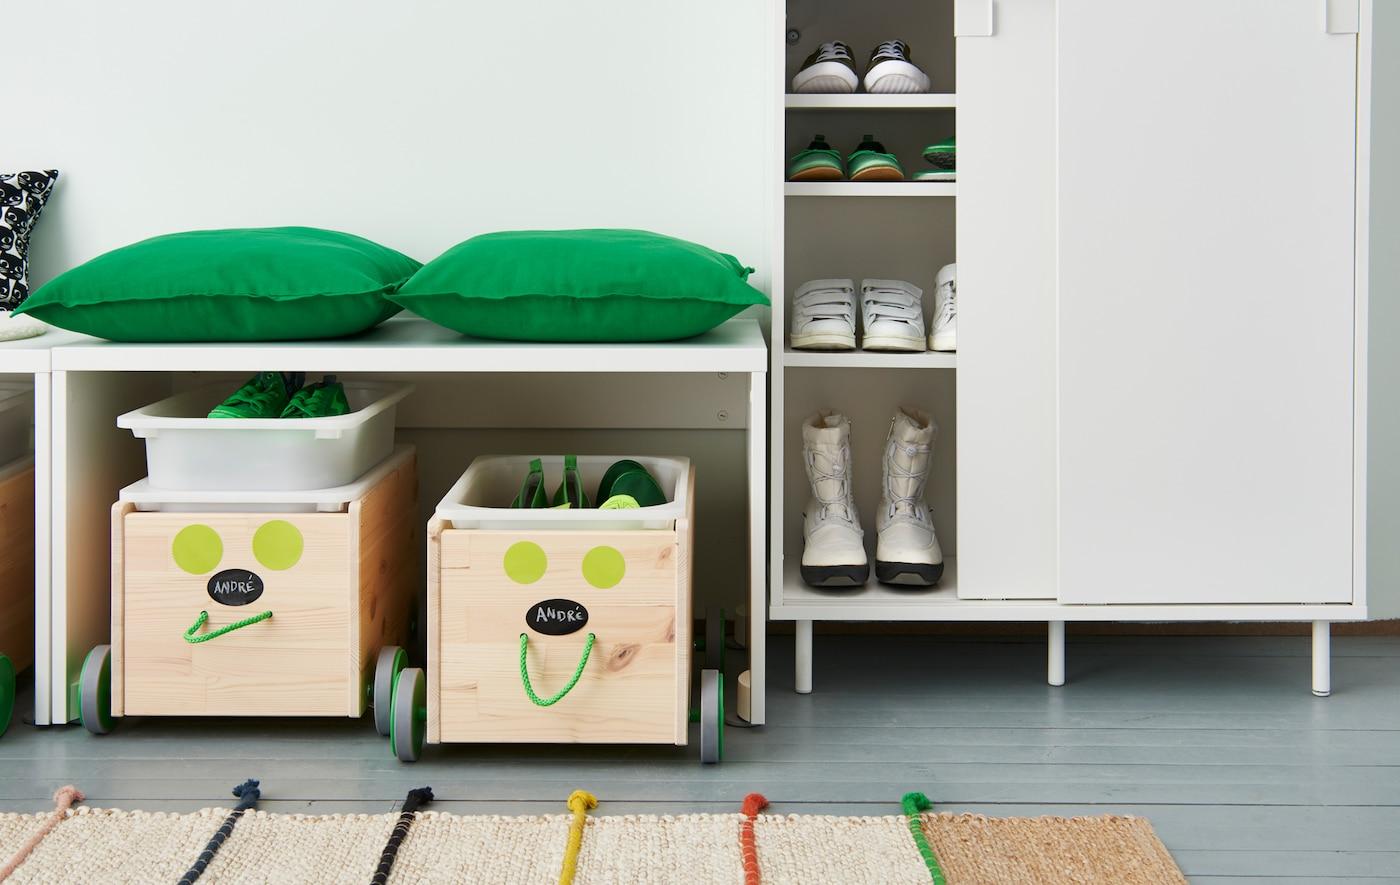 Eine Collage zweier verschiedener Möglichkeiten der Schuhorganisation: einmal geschlossene Aufbewahrung, einmal eine Stange, an der Schuhe aufgehängt werden